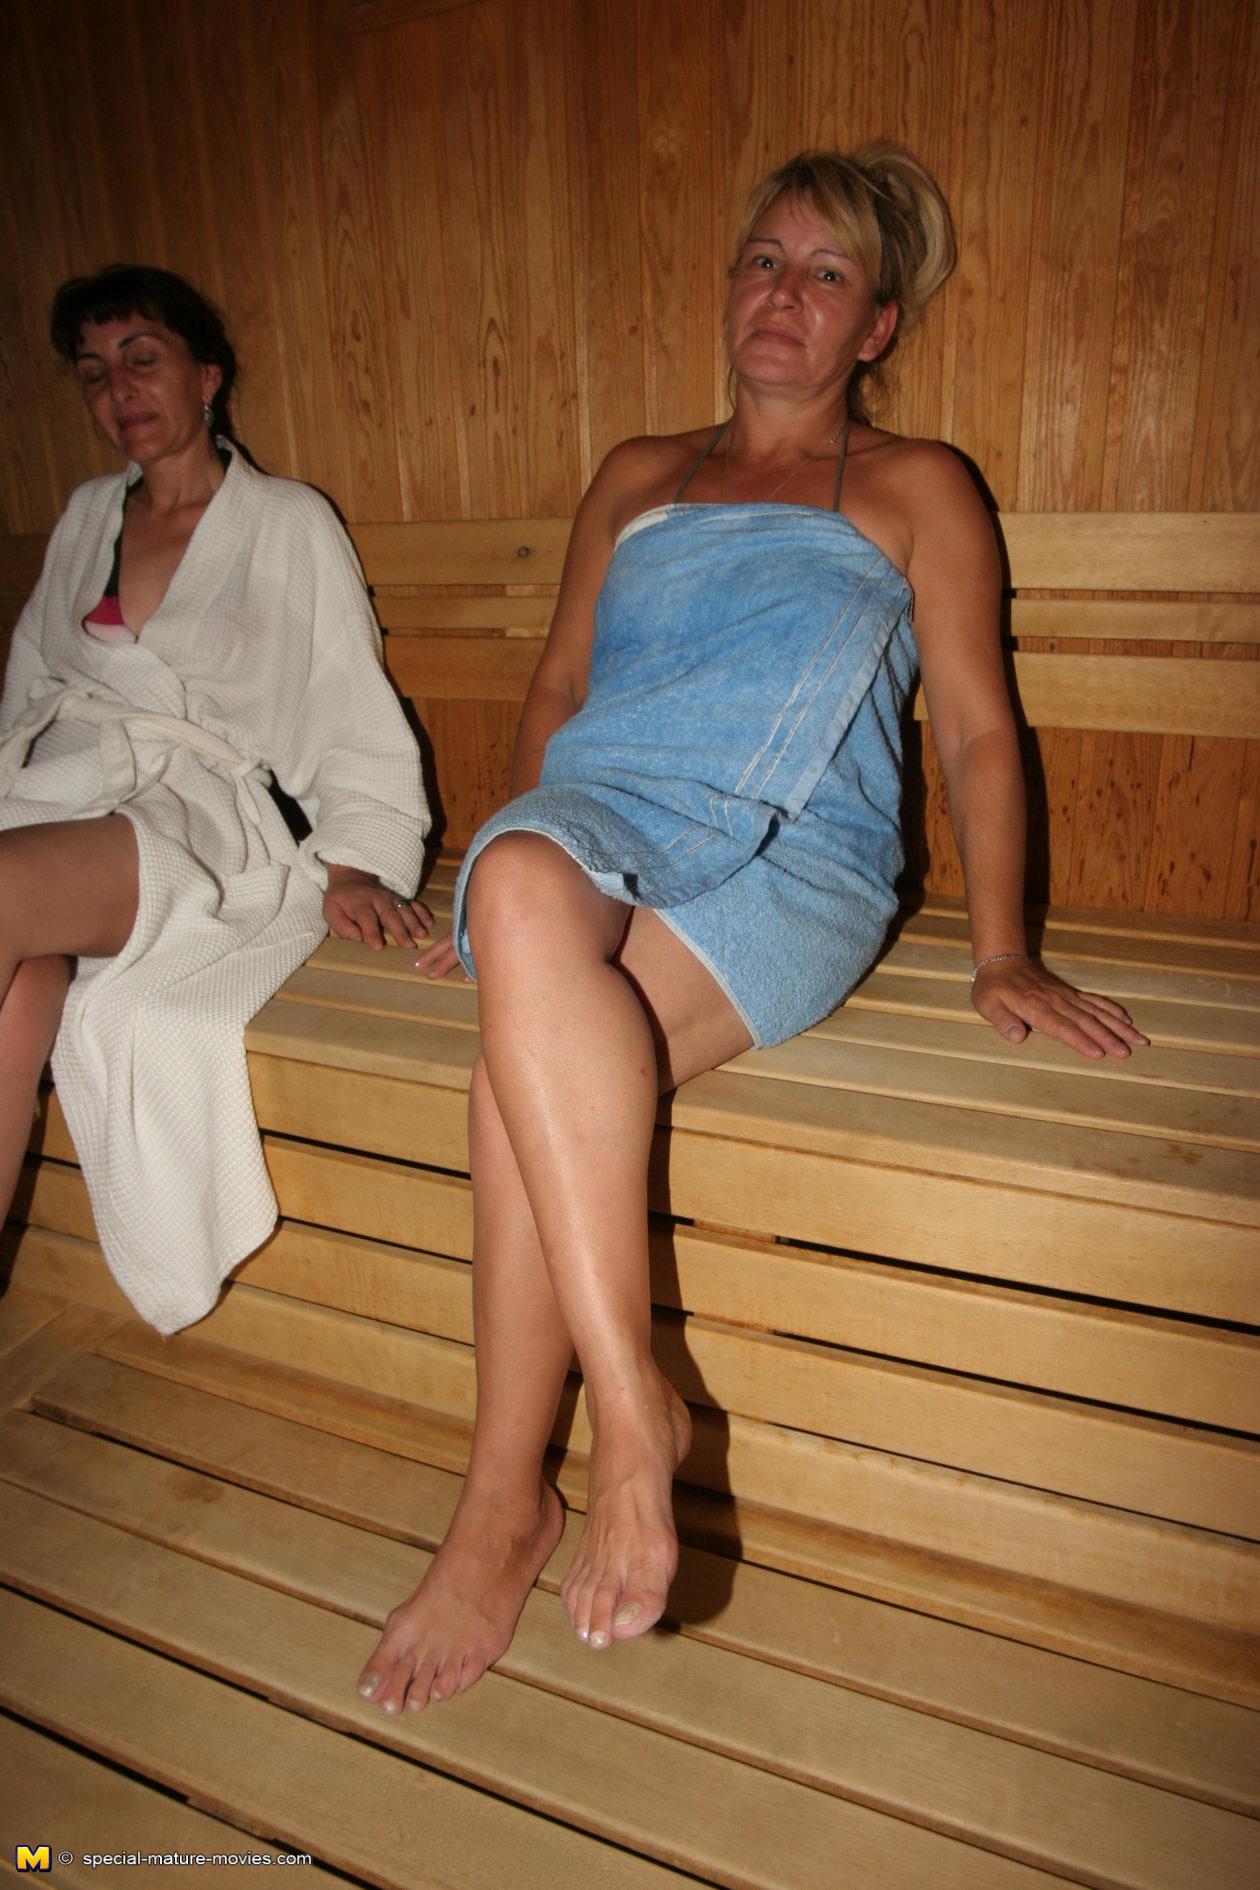 Голые Зрелые Женщины В Сауне